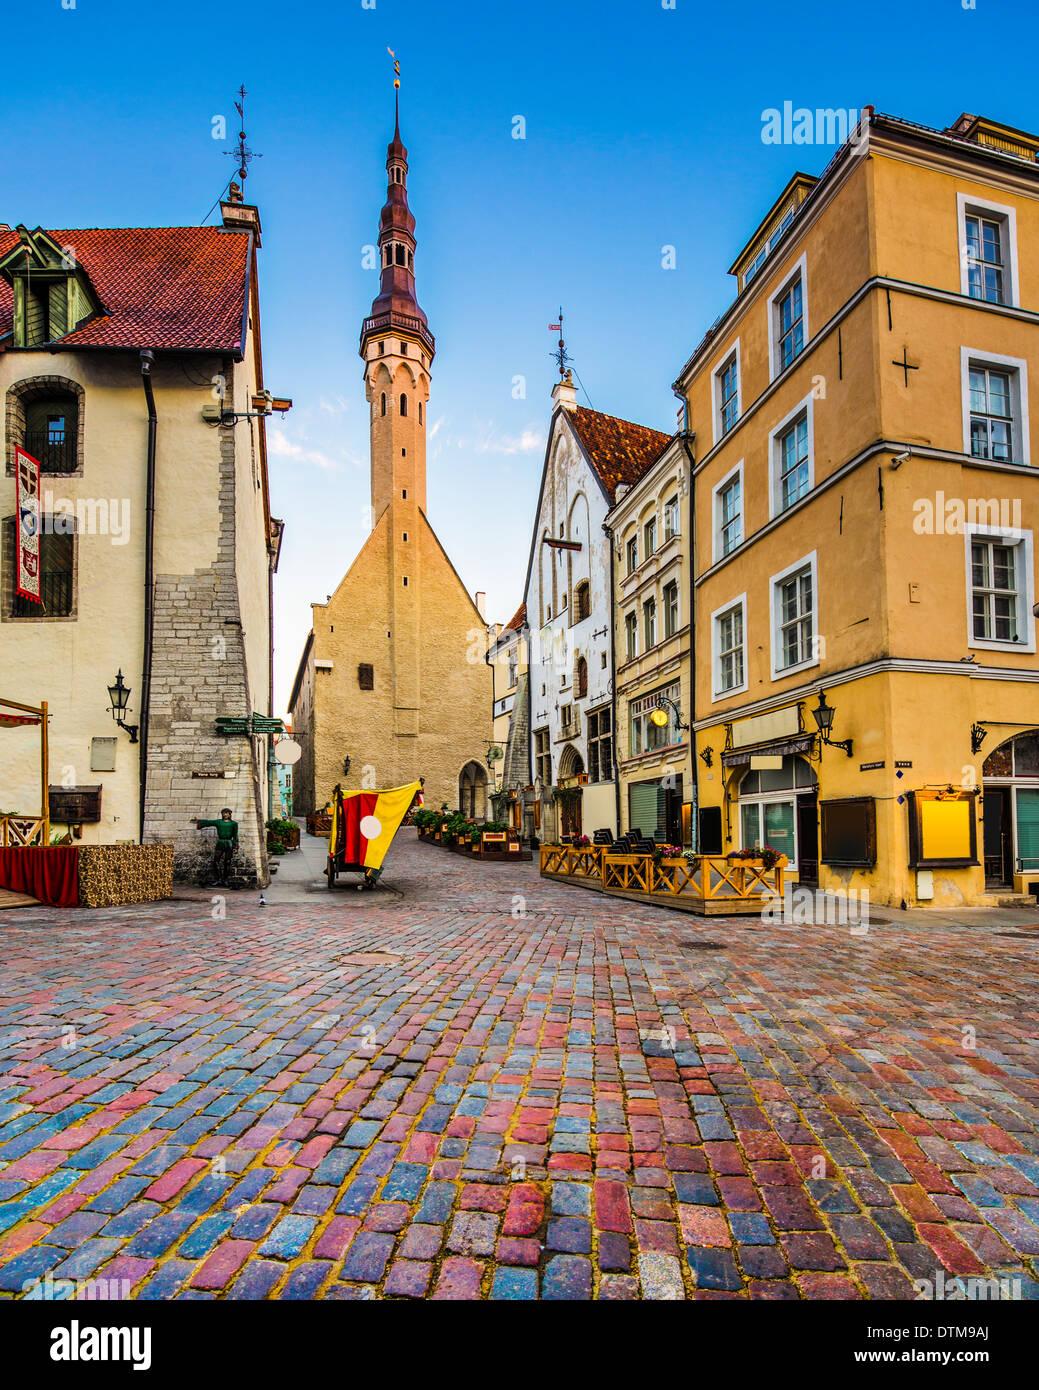 Tallinn, Estland-Altstadt im alten Rathaus. Stockbild